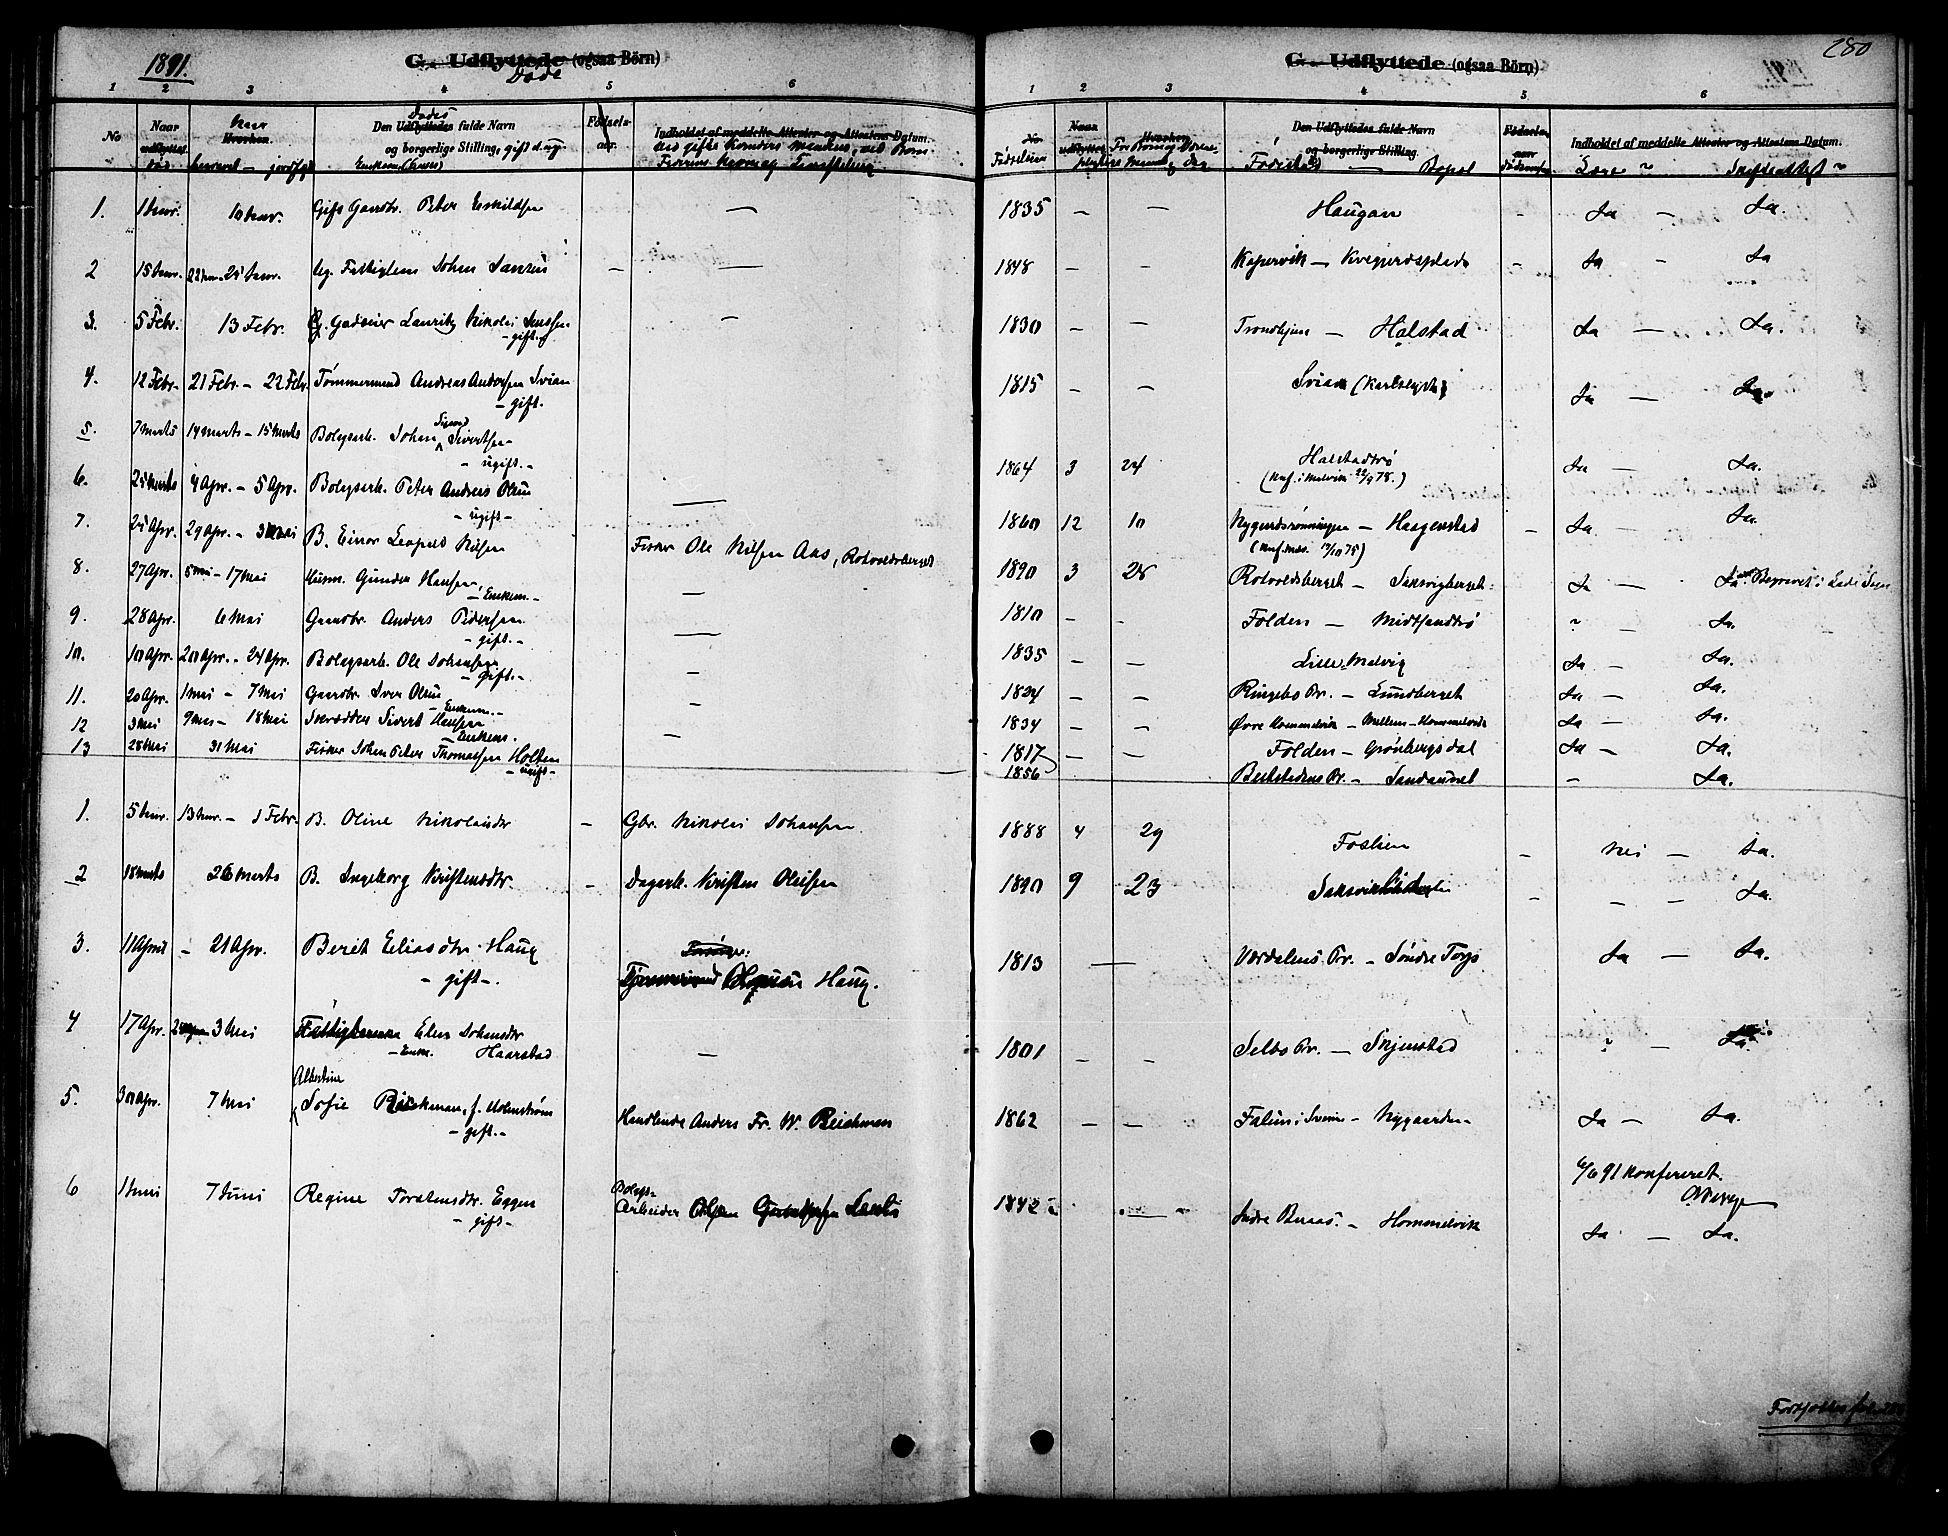 SAT, Ministerialprotokoller, klokkerbøker og fødselsregistre - Sør-Trøndelag, 616/L0410: Ministerialbok nr. 616A07, 1878-1893, s. 280